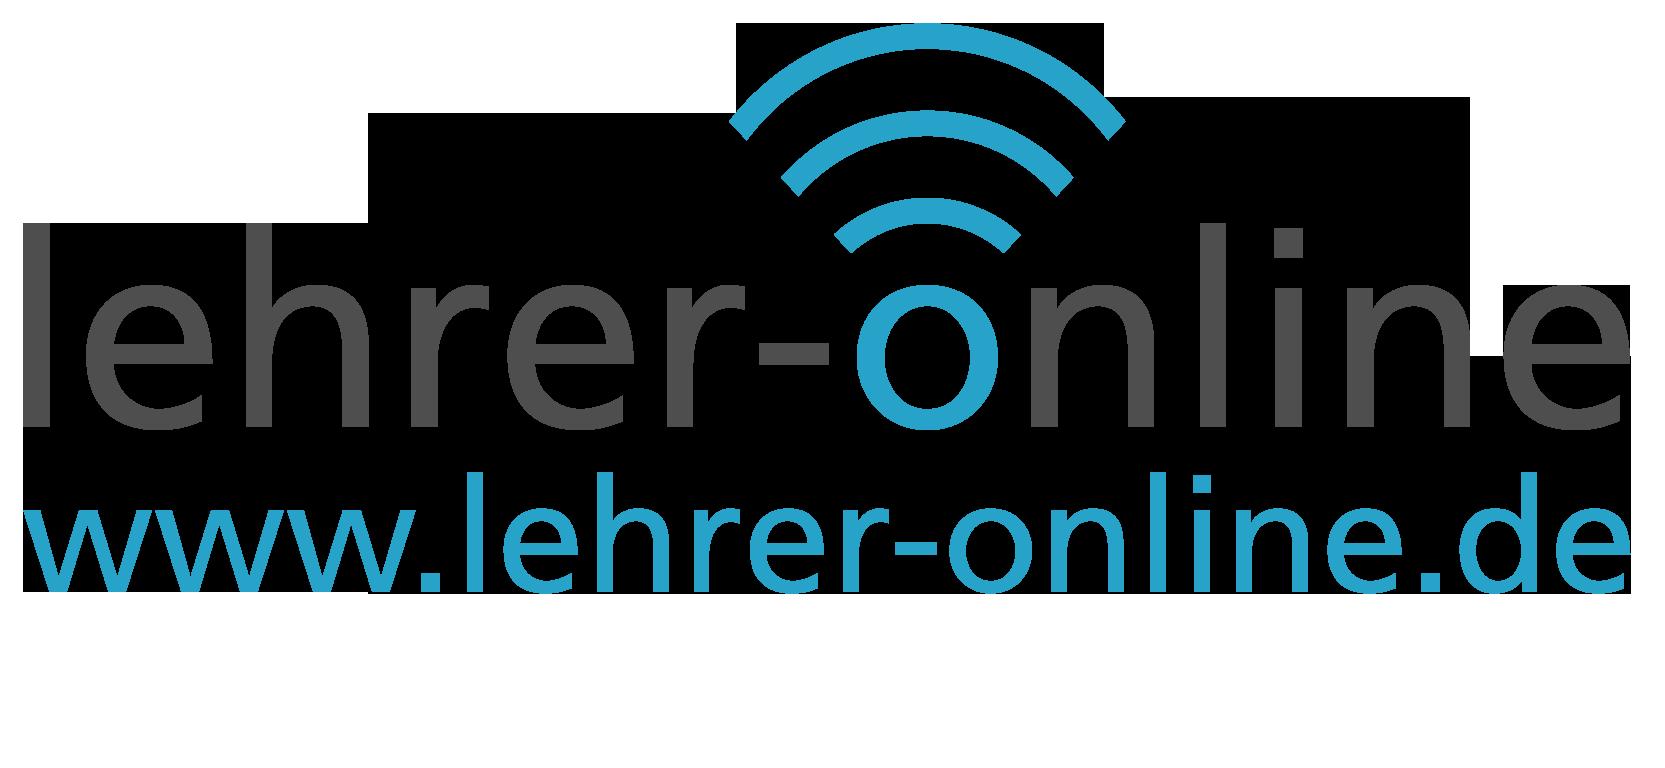 lehrer-online bietet eine vielfältige Auswahl an Unterrichtsmaterialien zu verschiedensten Themen. © lehrer-online.de